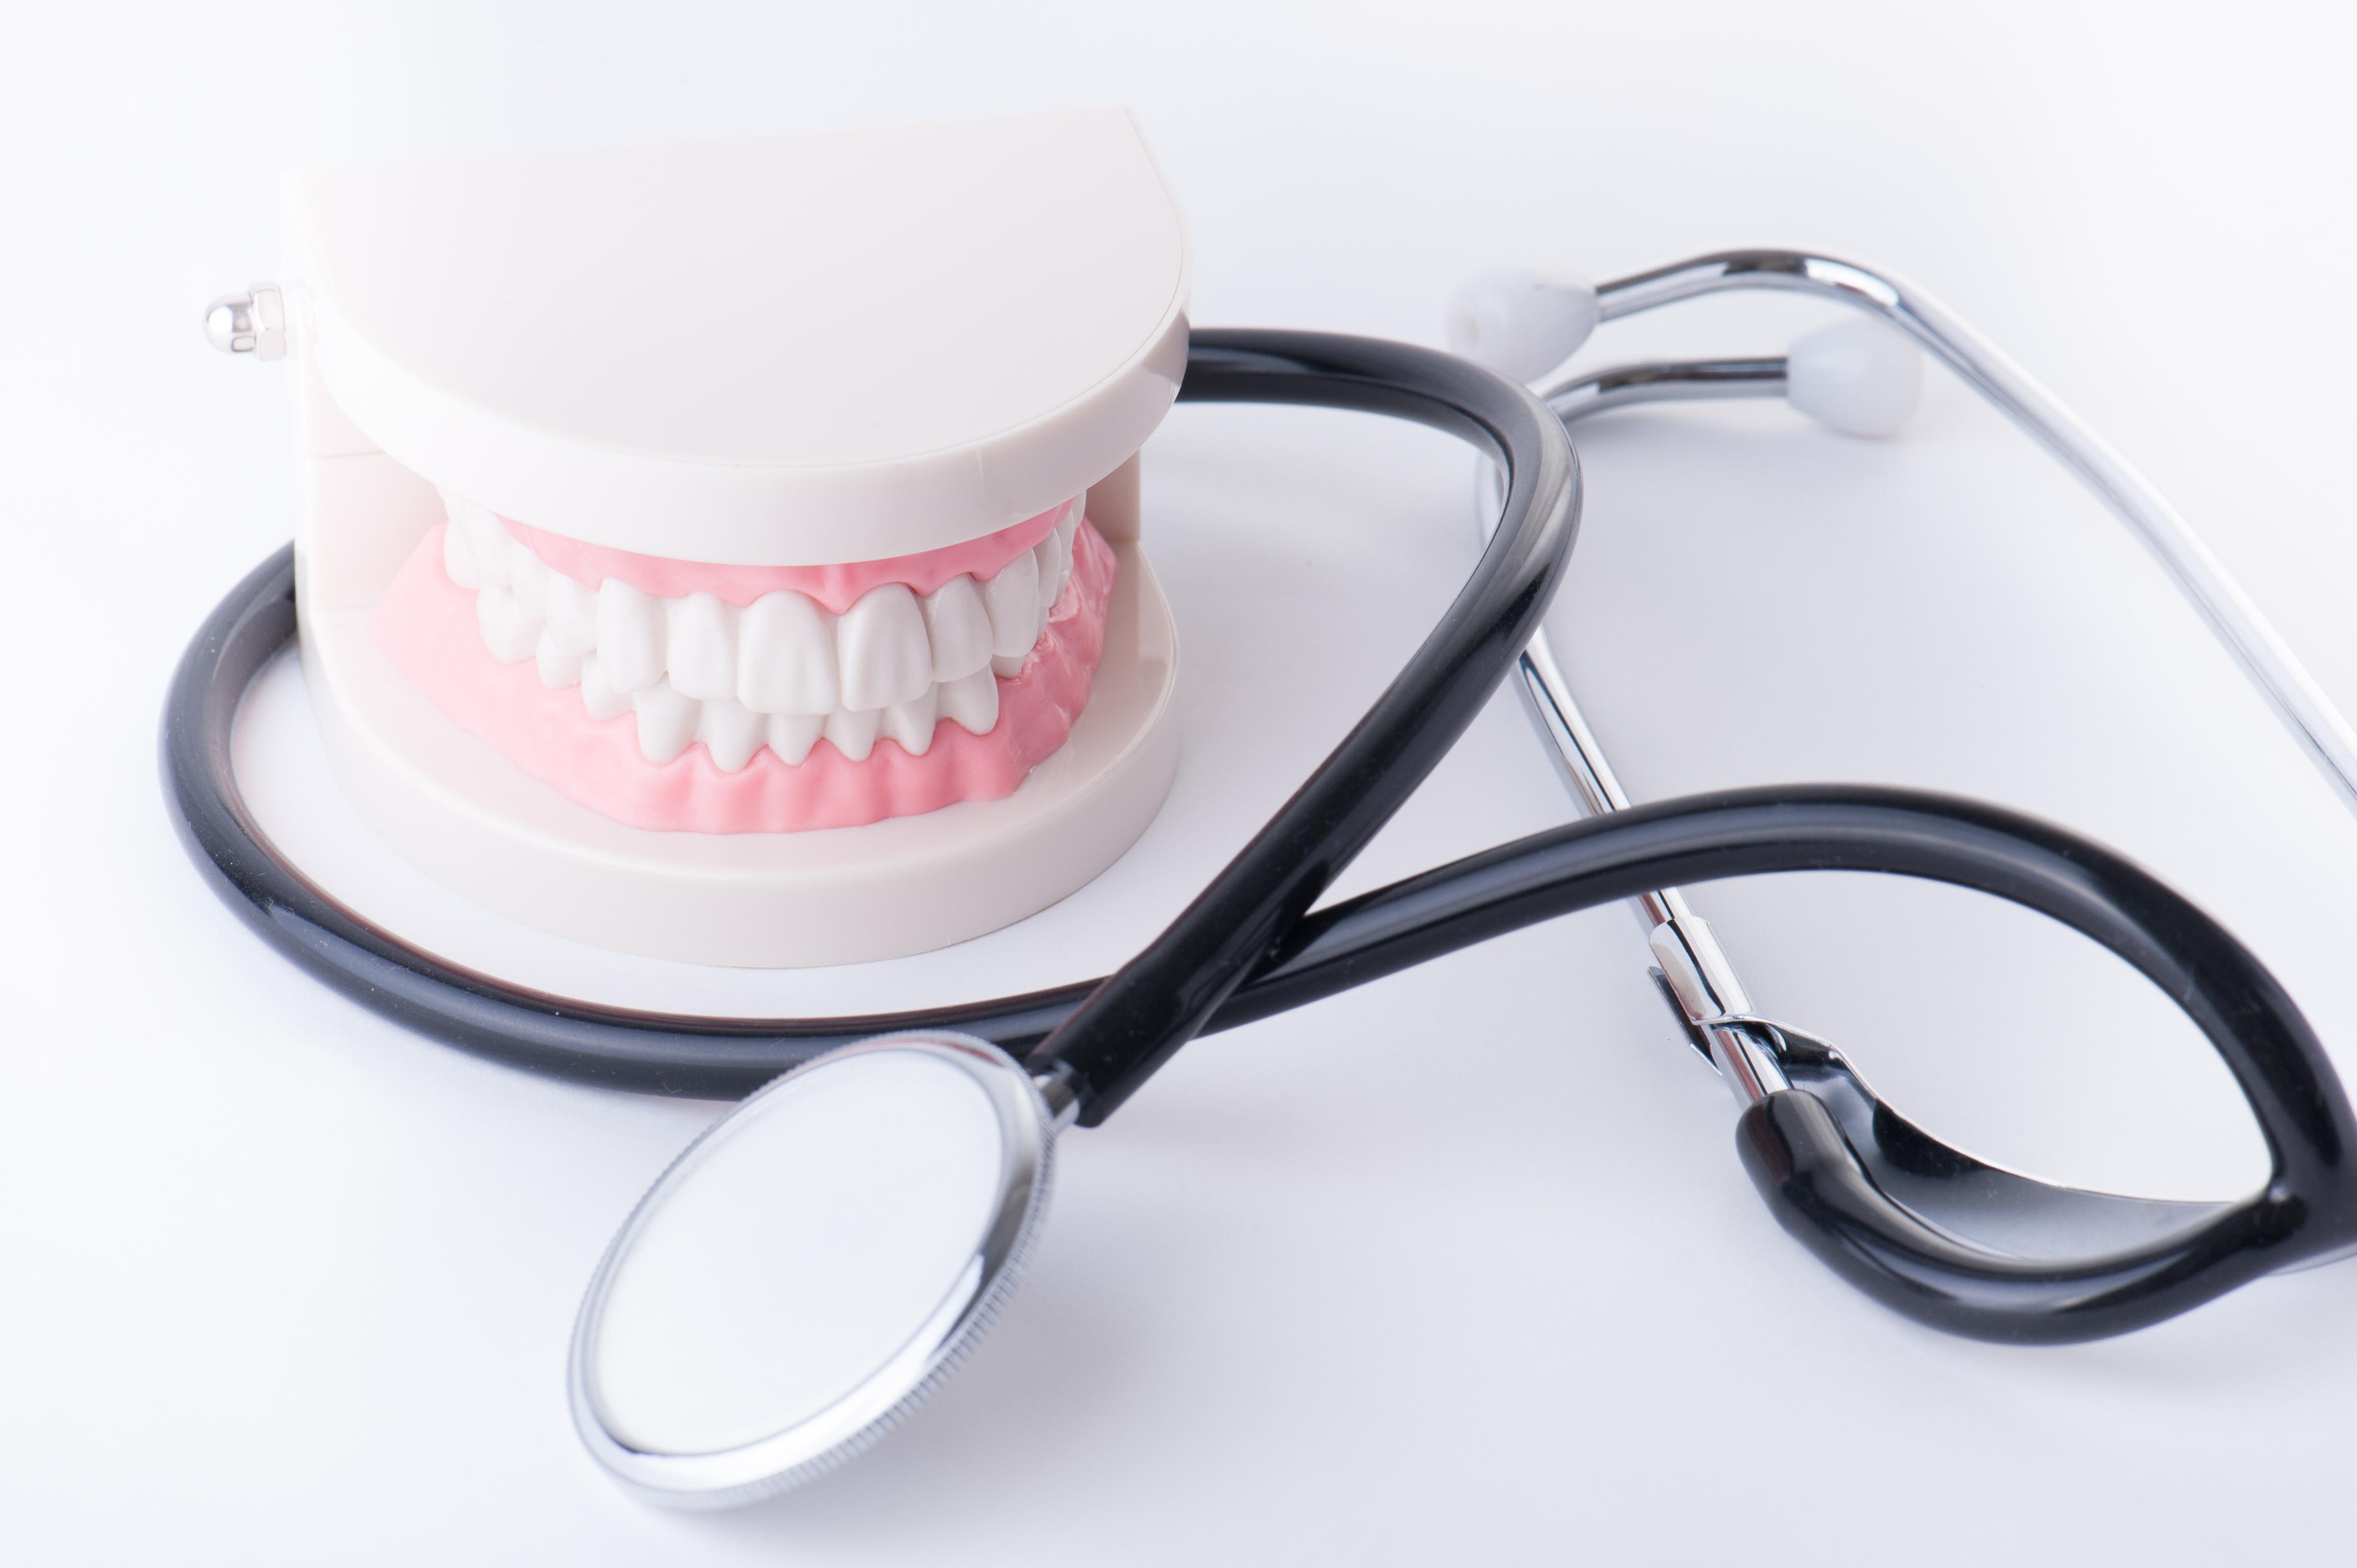 入れ歯ケア用品の選び方&おすすめ3選【長く安全に使うために】